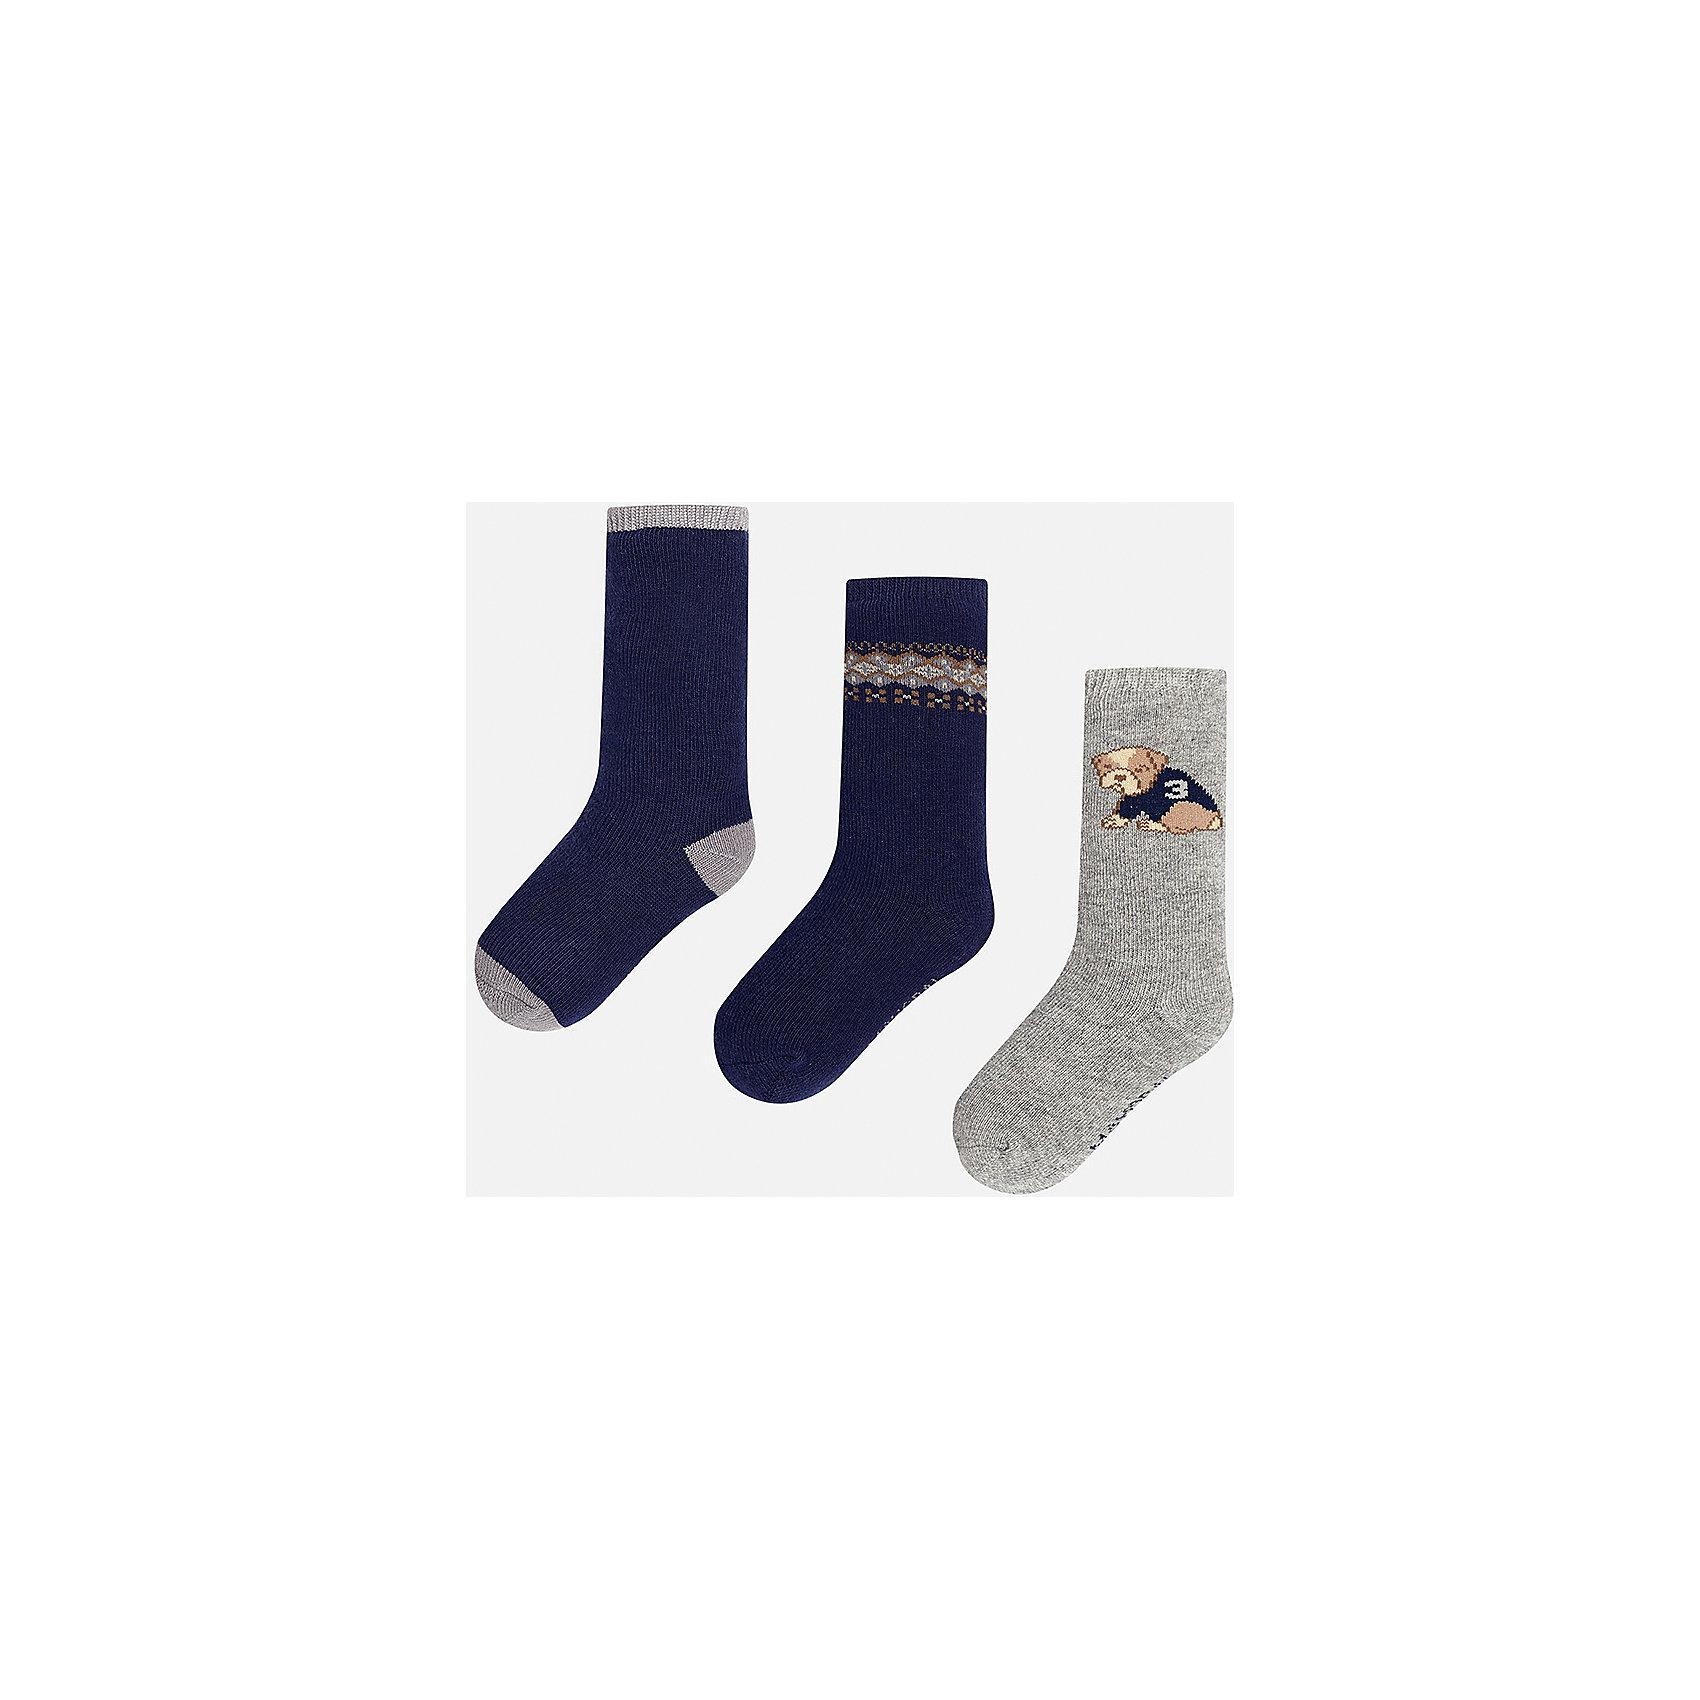 Комплект:3 пары носков для мальчика MayoralНосочки и колготки<br>Набор из 3 пар носков для мальчиков от известного испанского бренда Mayoral. В комплекте носки разной расцветки: темно-синий с серыми пяткой, носком и резинкой, темно-синий с коричнево-серым узором сверху, серый с рисунком собачка. Носки сделаны из специальных дышащих материалов, чтобы ноги ребенка не потели.<br>Дополнительная информация:<br>-разная расцветка<br>-состав: 77% хлопок, 20% полиамид, 3% эластан<br>Комплект носков Mayoral можно приобрести в нашем интернет-магазине.<br><br>Ширина мм: 87<br>Глубина мм: 10<br>Высота мм: 105<br>Вес г: 115<br>Цвет: коричневый<br>Возраст от месяцев: 9<br>Возраст до месяцев: 12<br>Пол: Мужской<br>Возраст: Детский<br>Размер: 1,2<br>SKU: 4820035